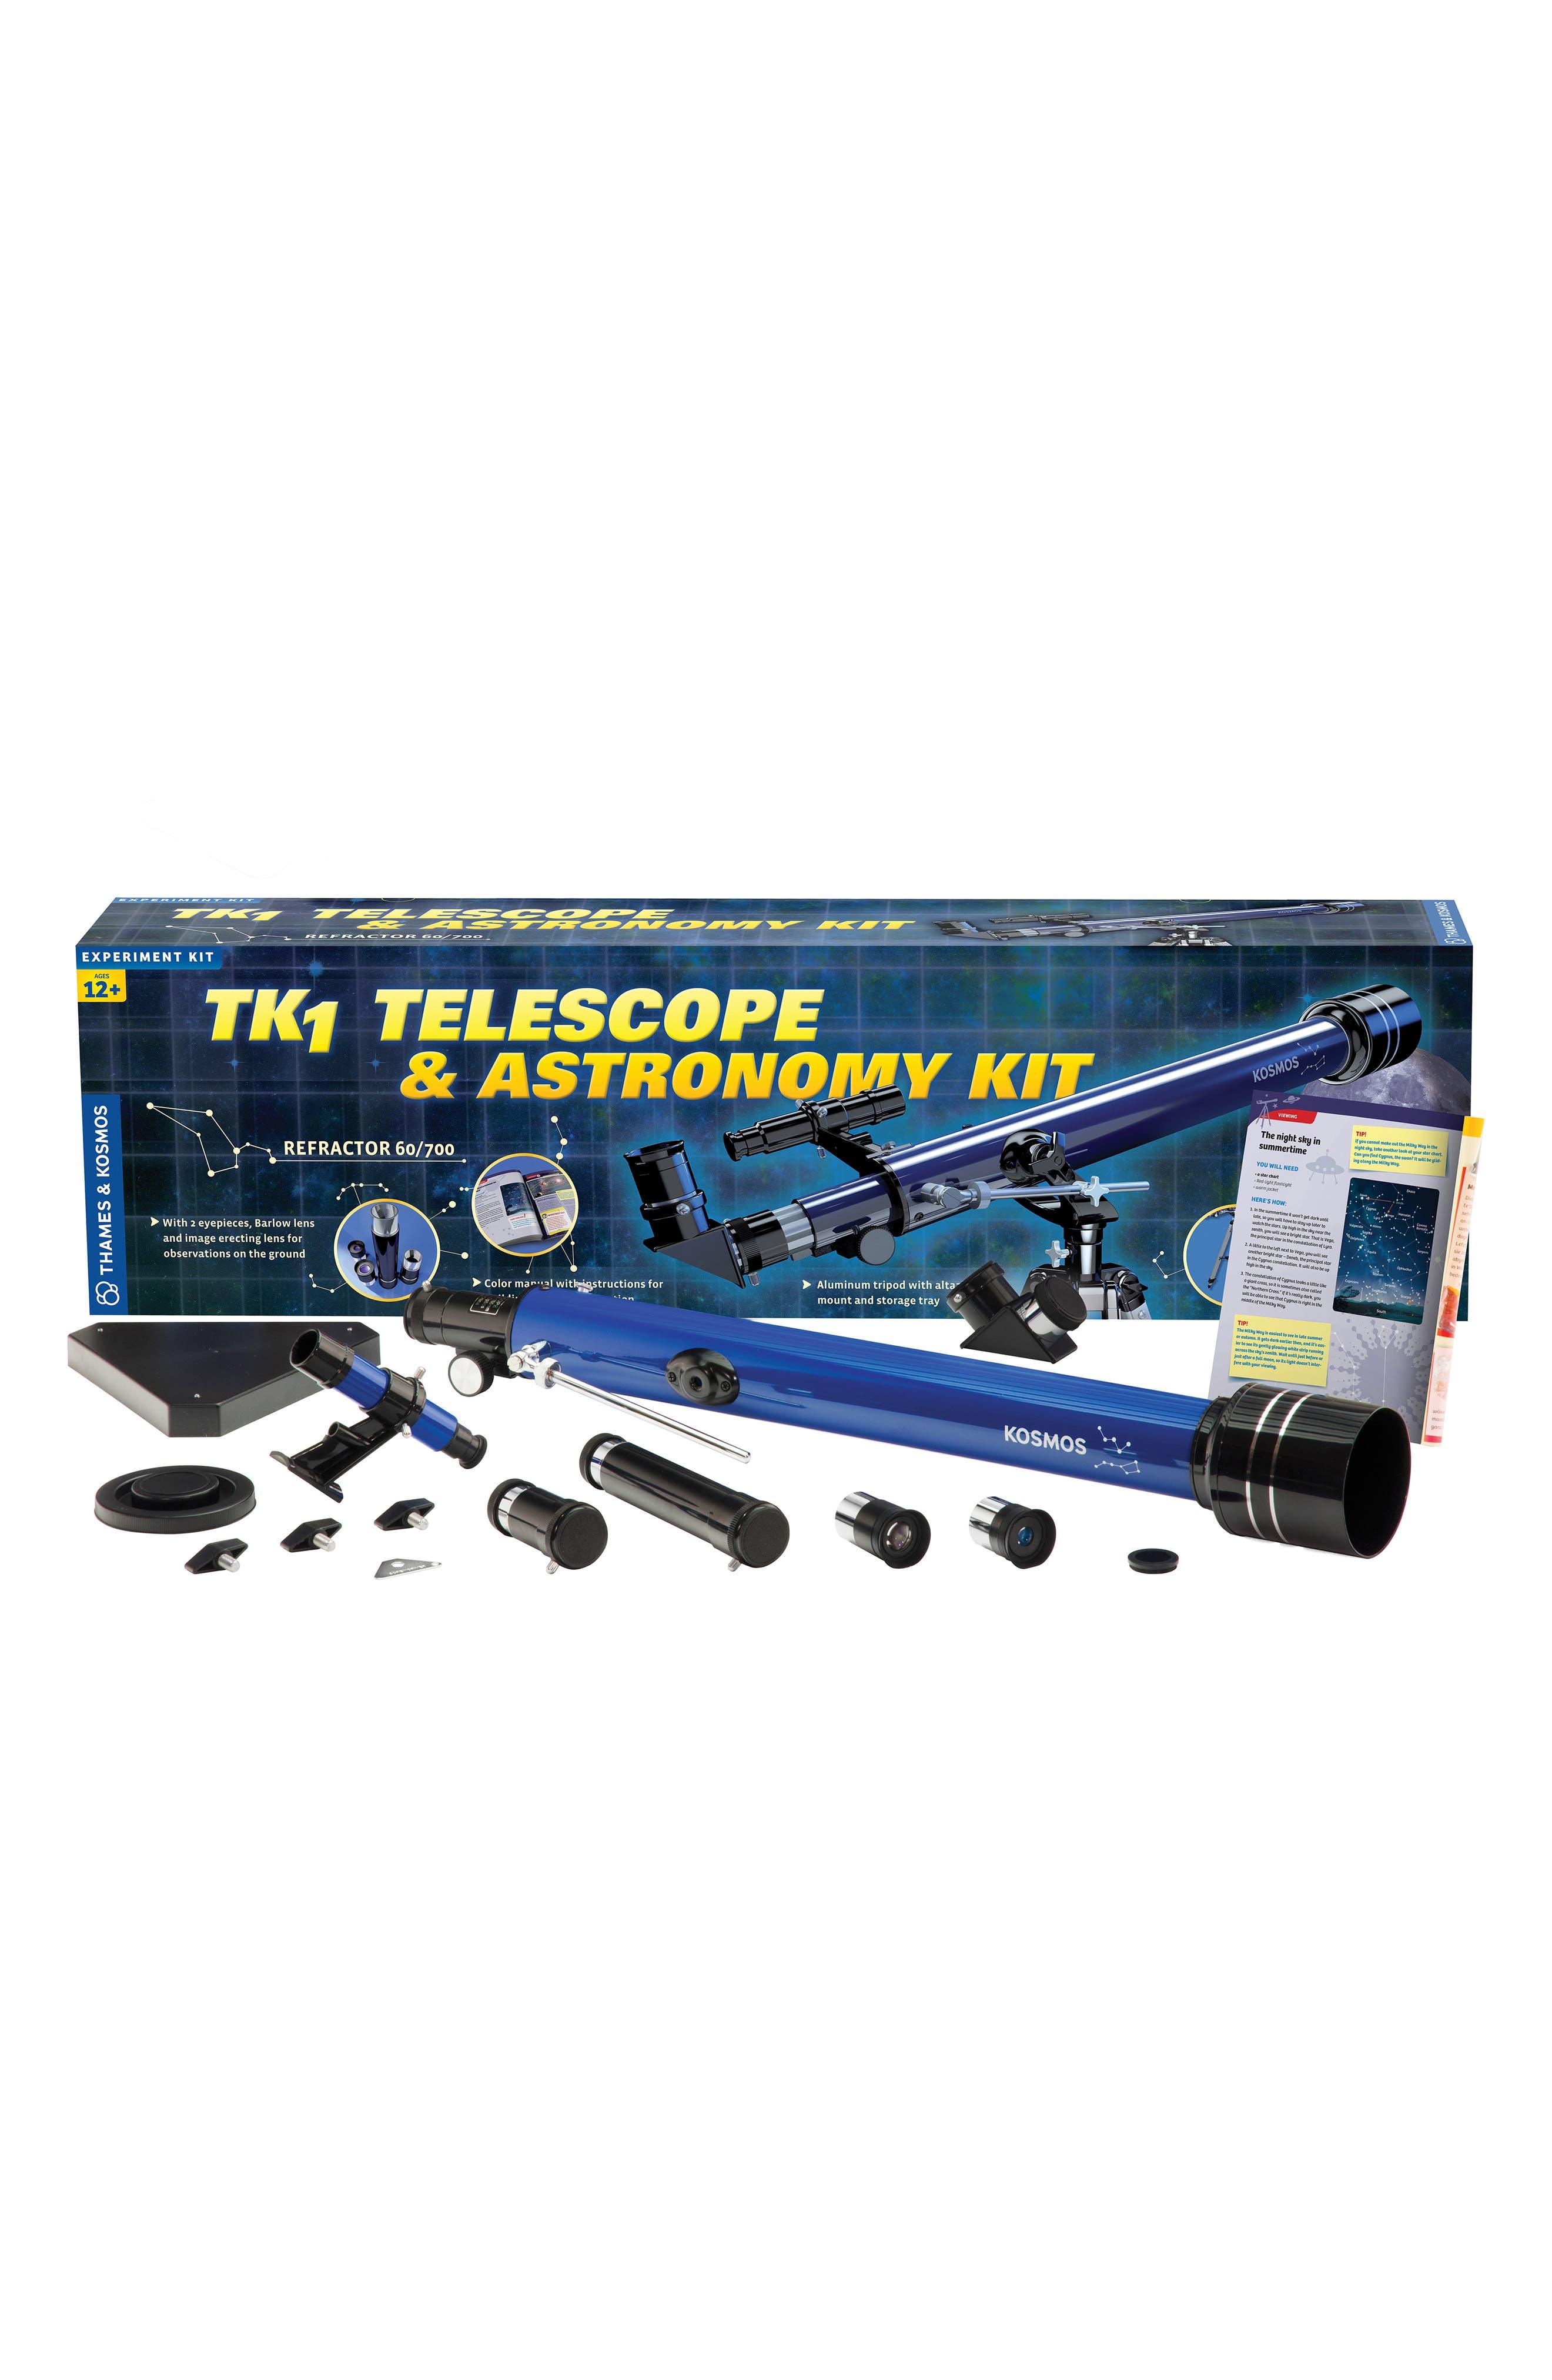 Thames & Kosmos 'TK1' Telescope & Astronomy Kit